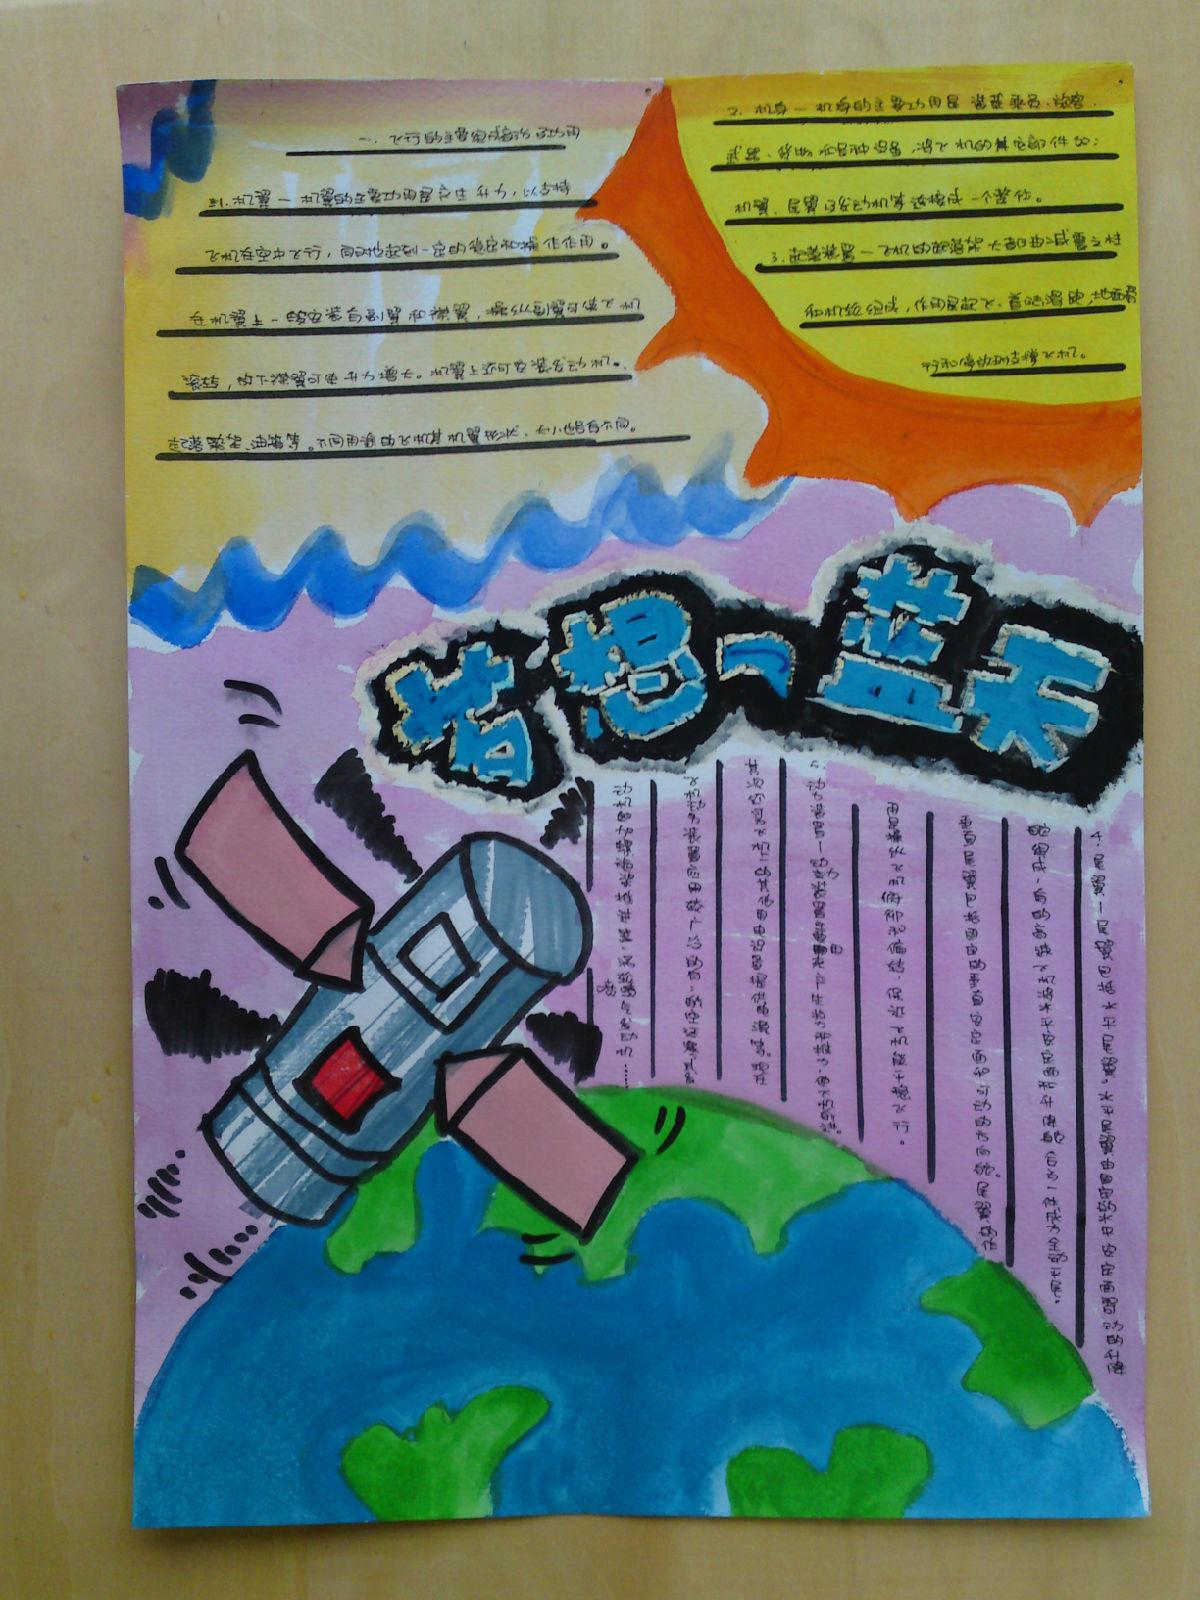 航空航天手抄报内容航空航天手抄报版面设计